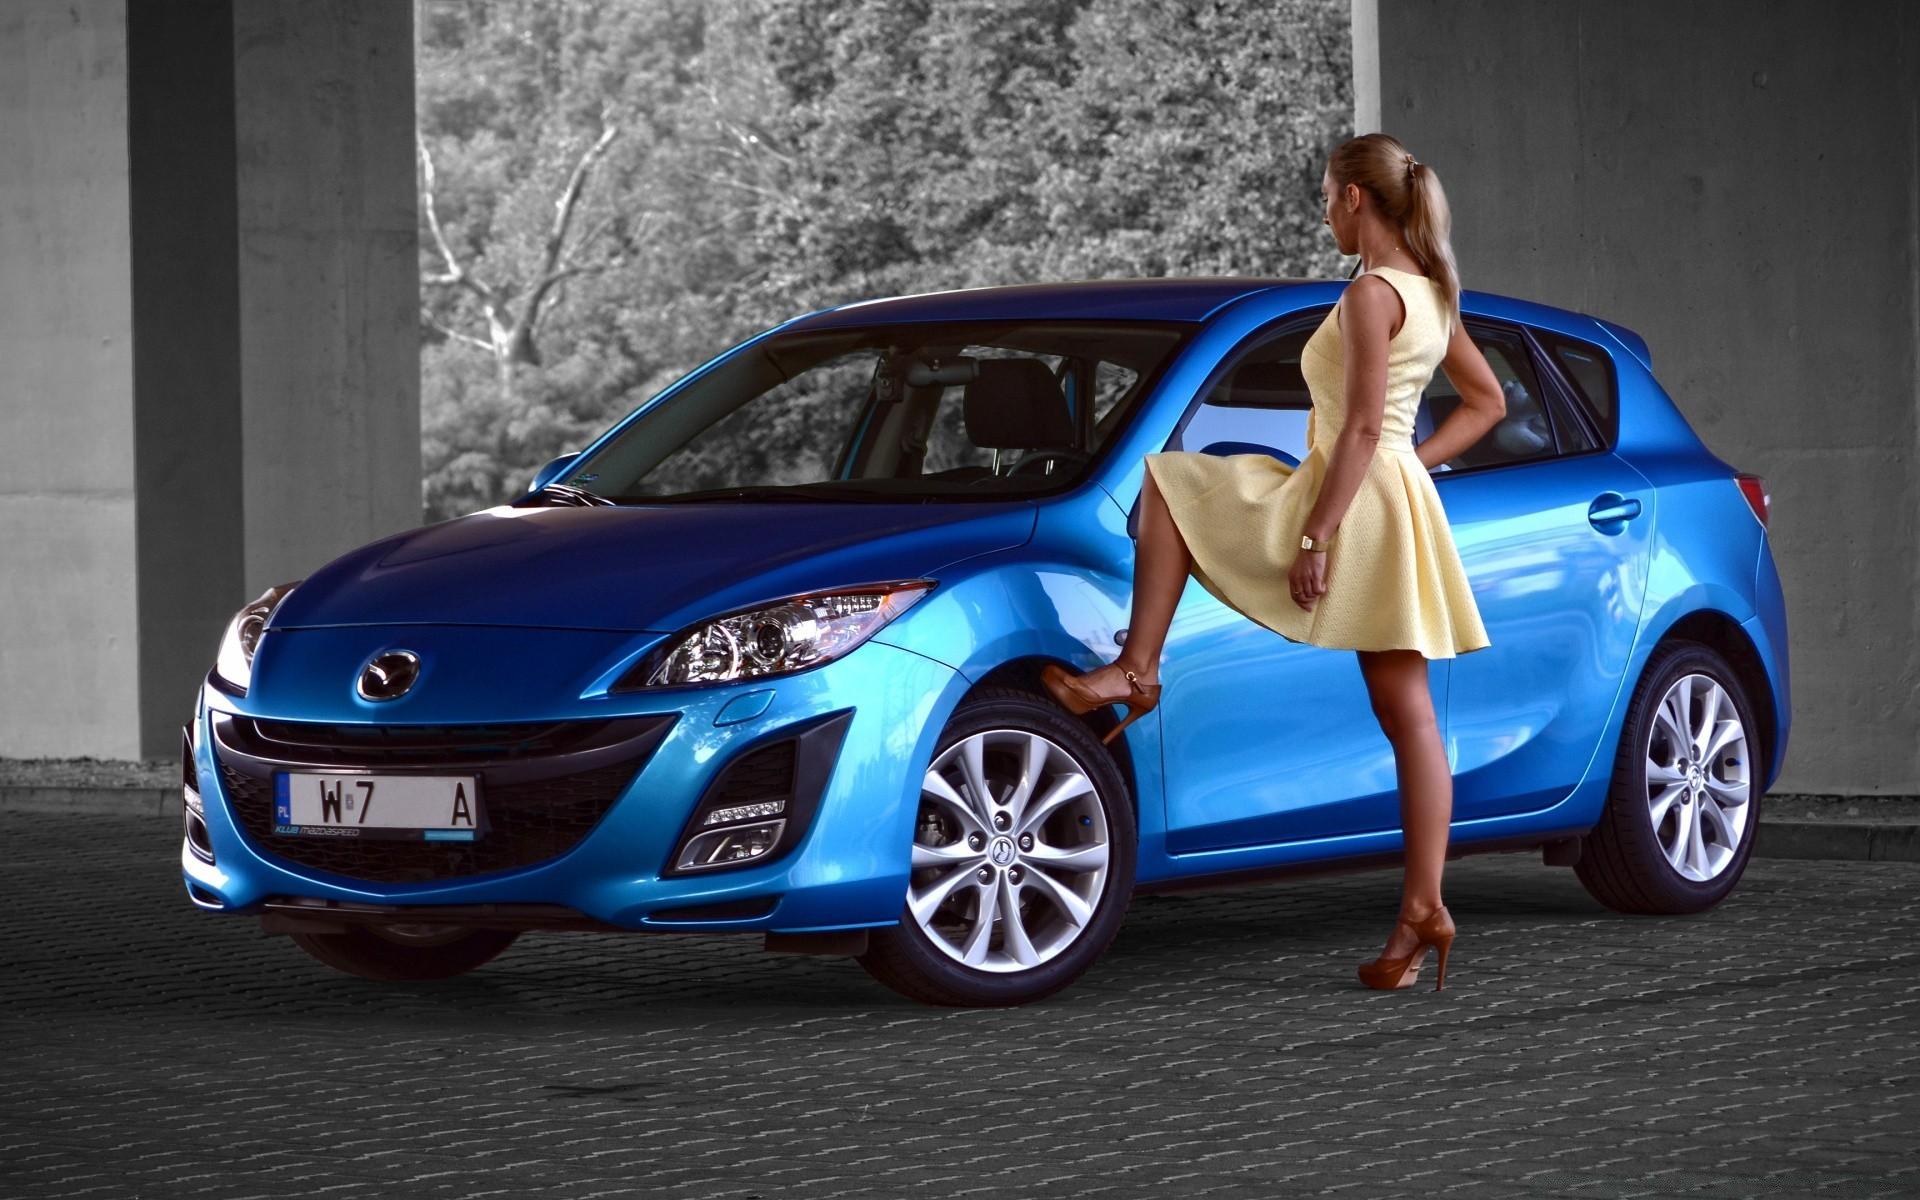 Красивые женские автомобили картинки